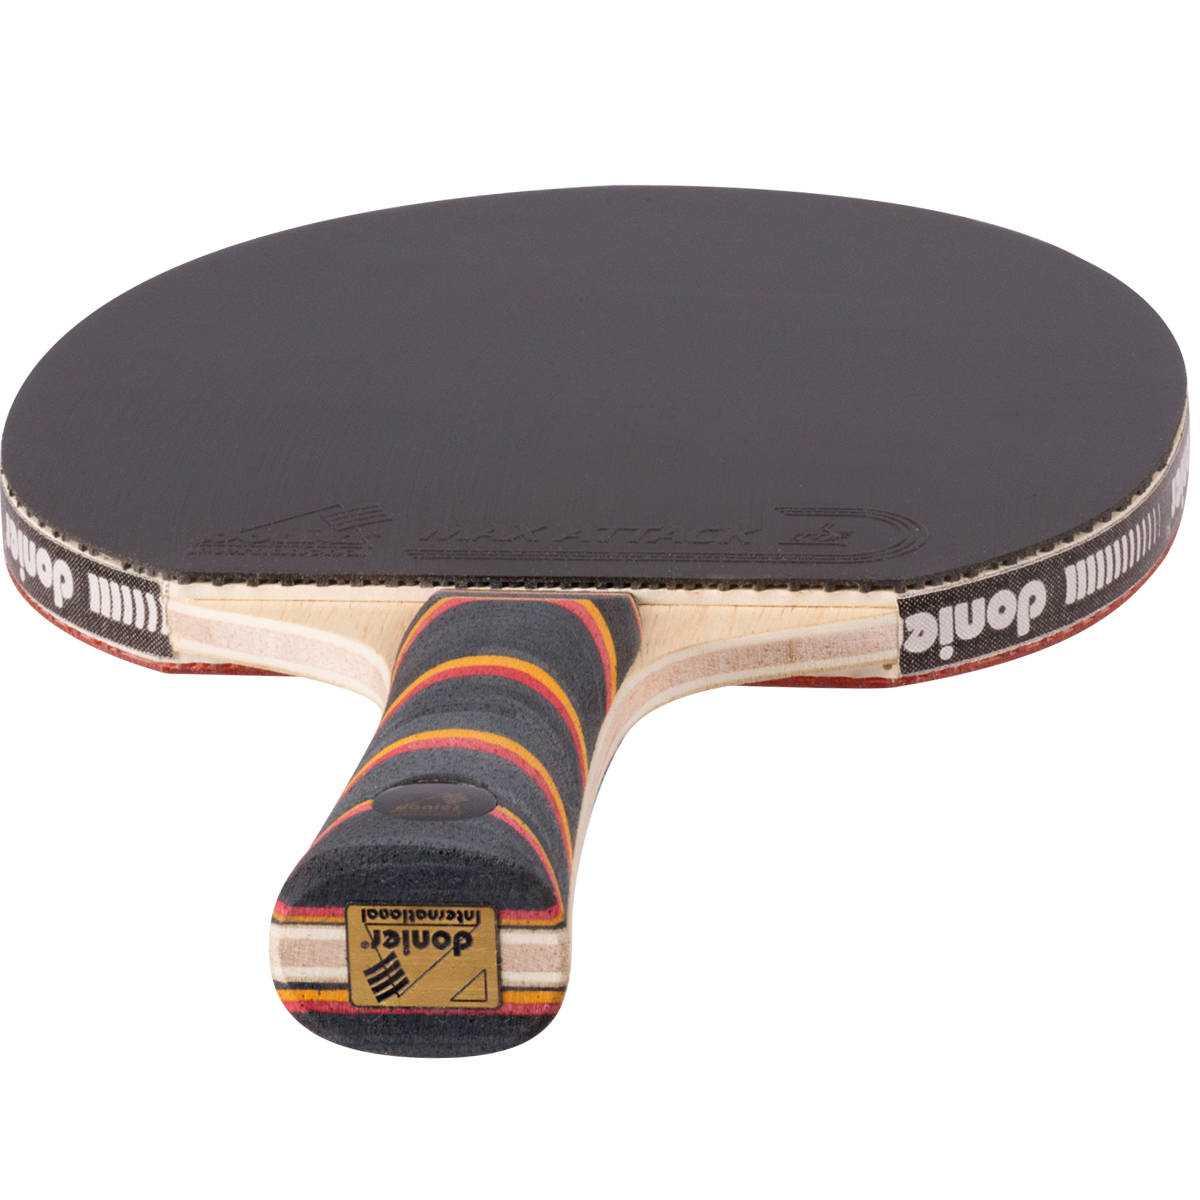 Как выбрать ракетку для тенниса – советы по подбору теннисной ракетки | tennis